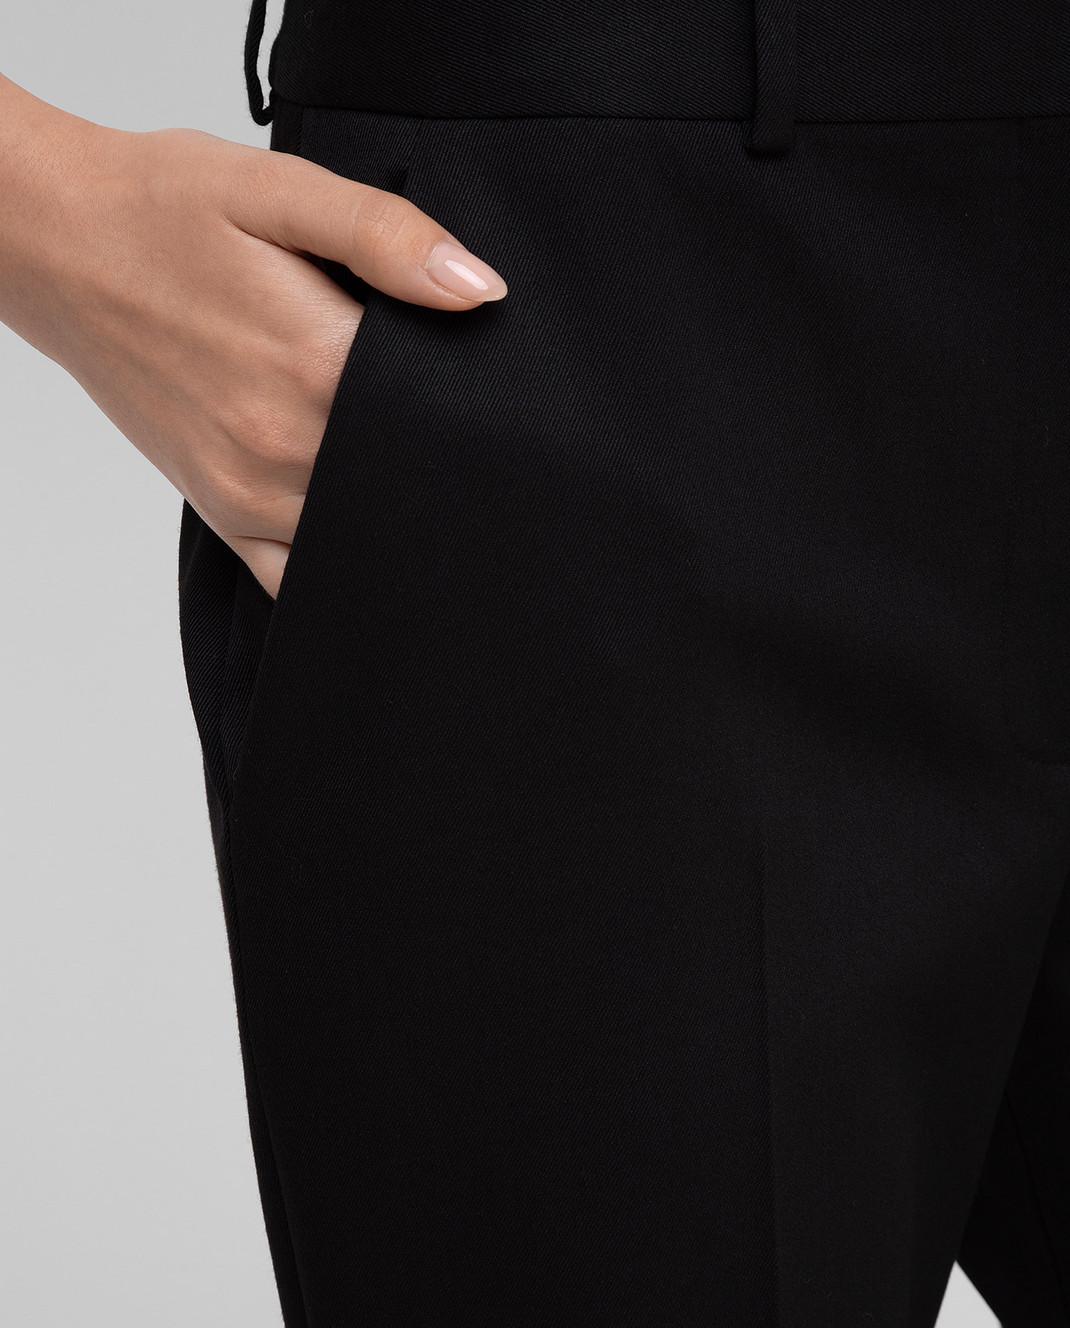 Altuzarra Черные брюки из шерсти изображение 5